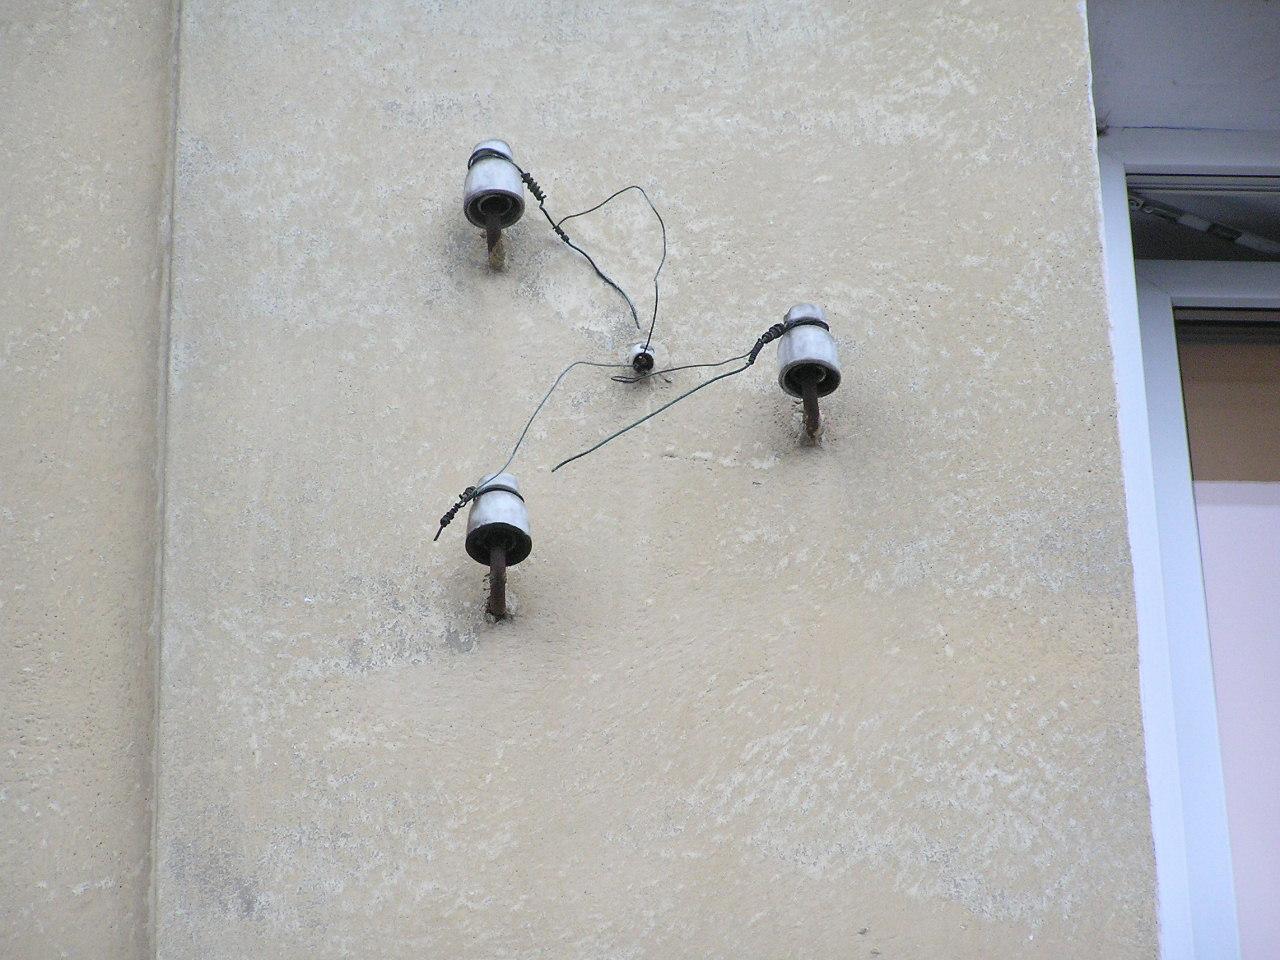 Izolatory na ścianie kamienicy przy ulicy Dobrowoja 4 na Grochowie